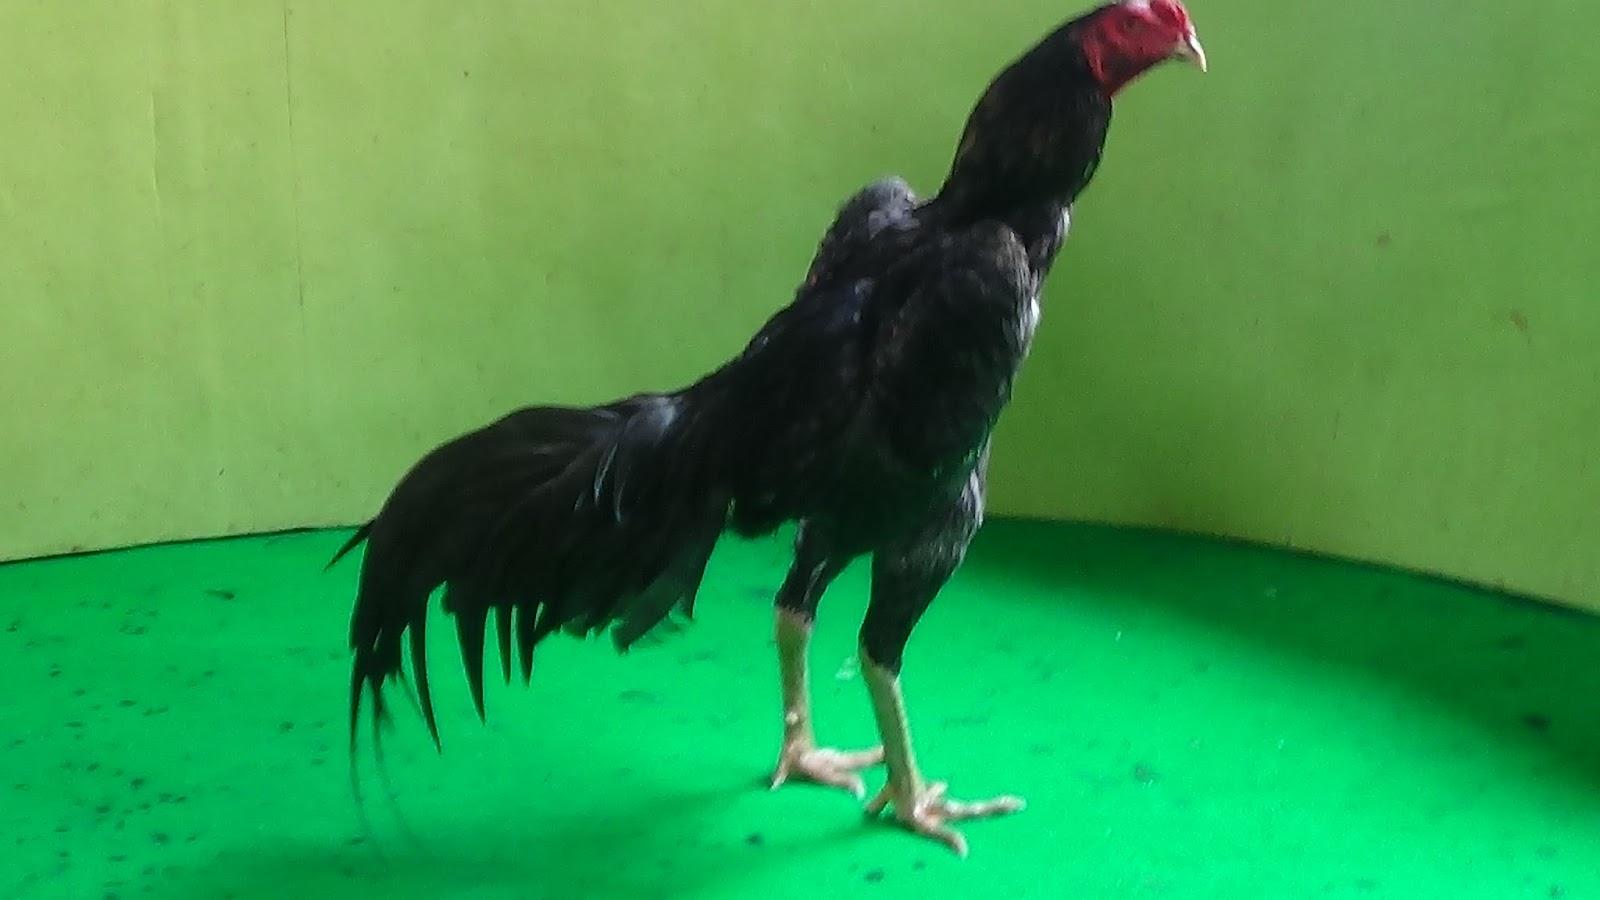 Аям Кетава - голосистая порода кур. Описание, характеристики, содержание, разведение и кормление